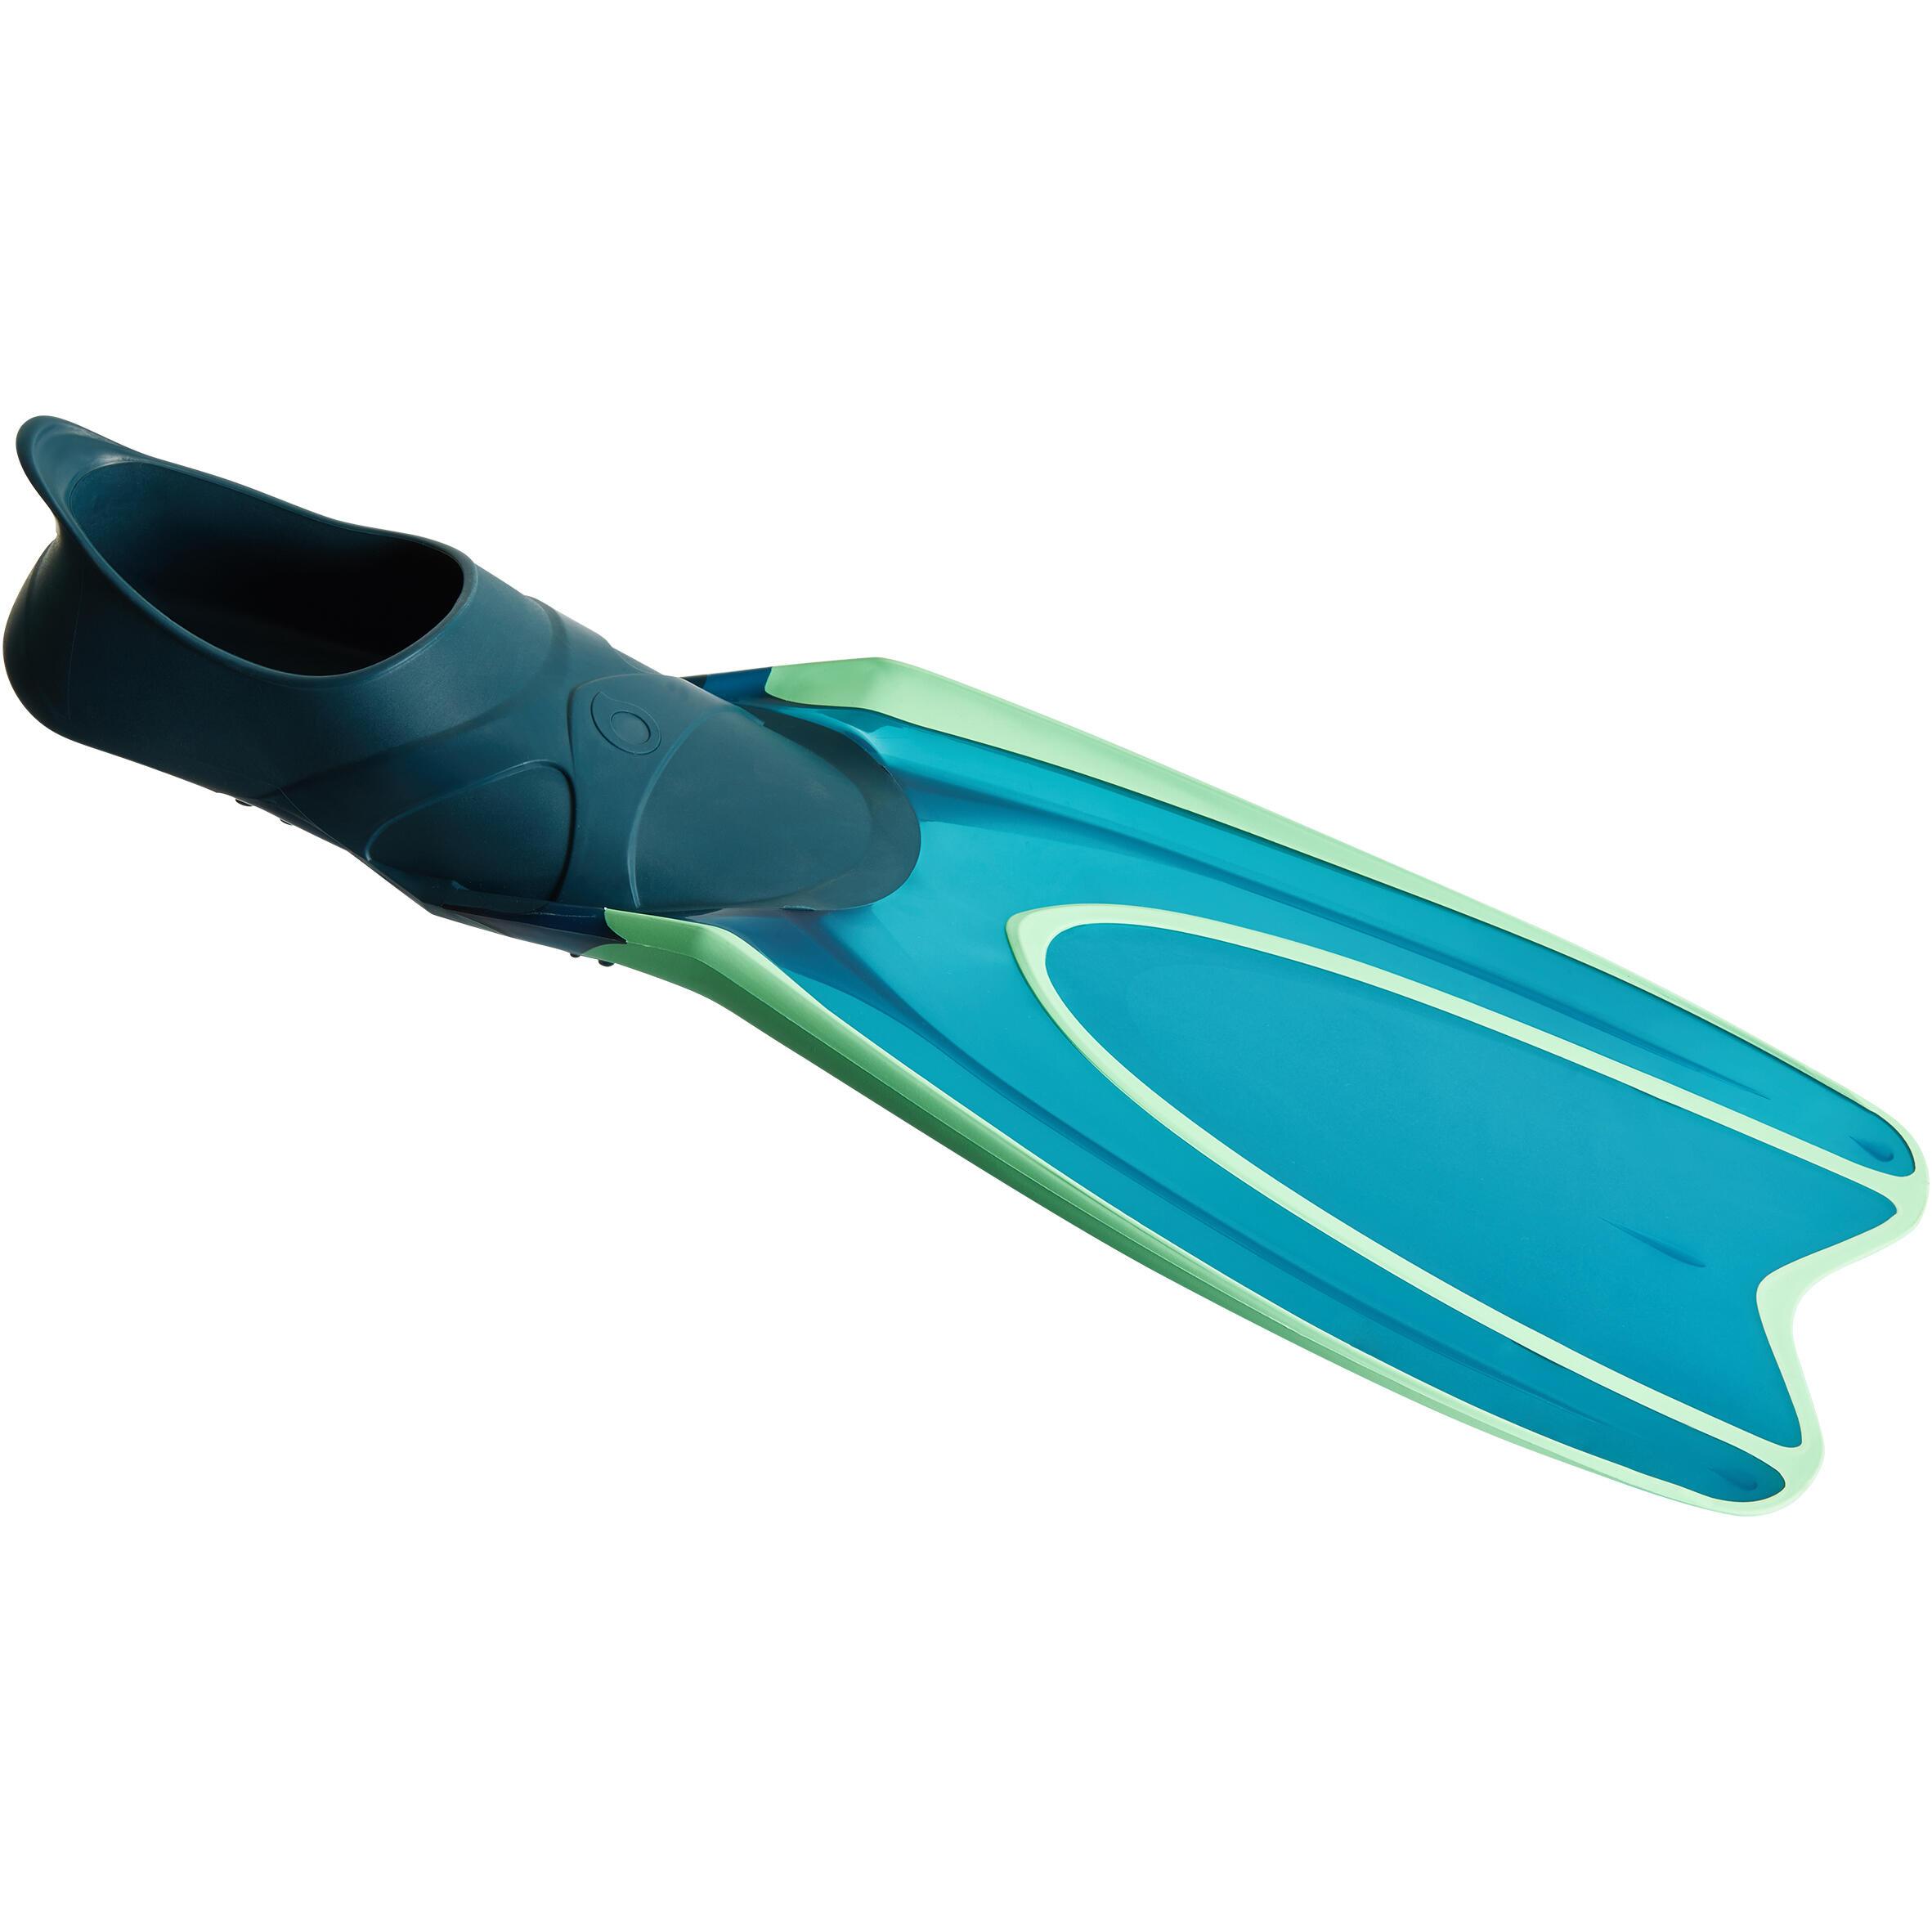 Subea Zwemvliezen snorkelen of diepzeeduiken SNK 540 volwassenen turquoise fluogroen